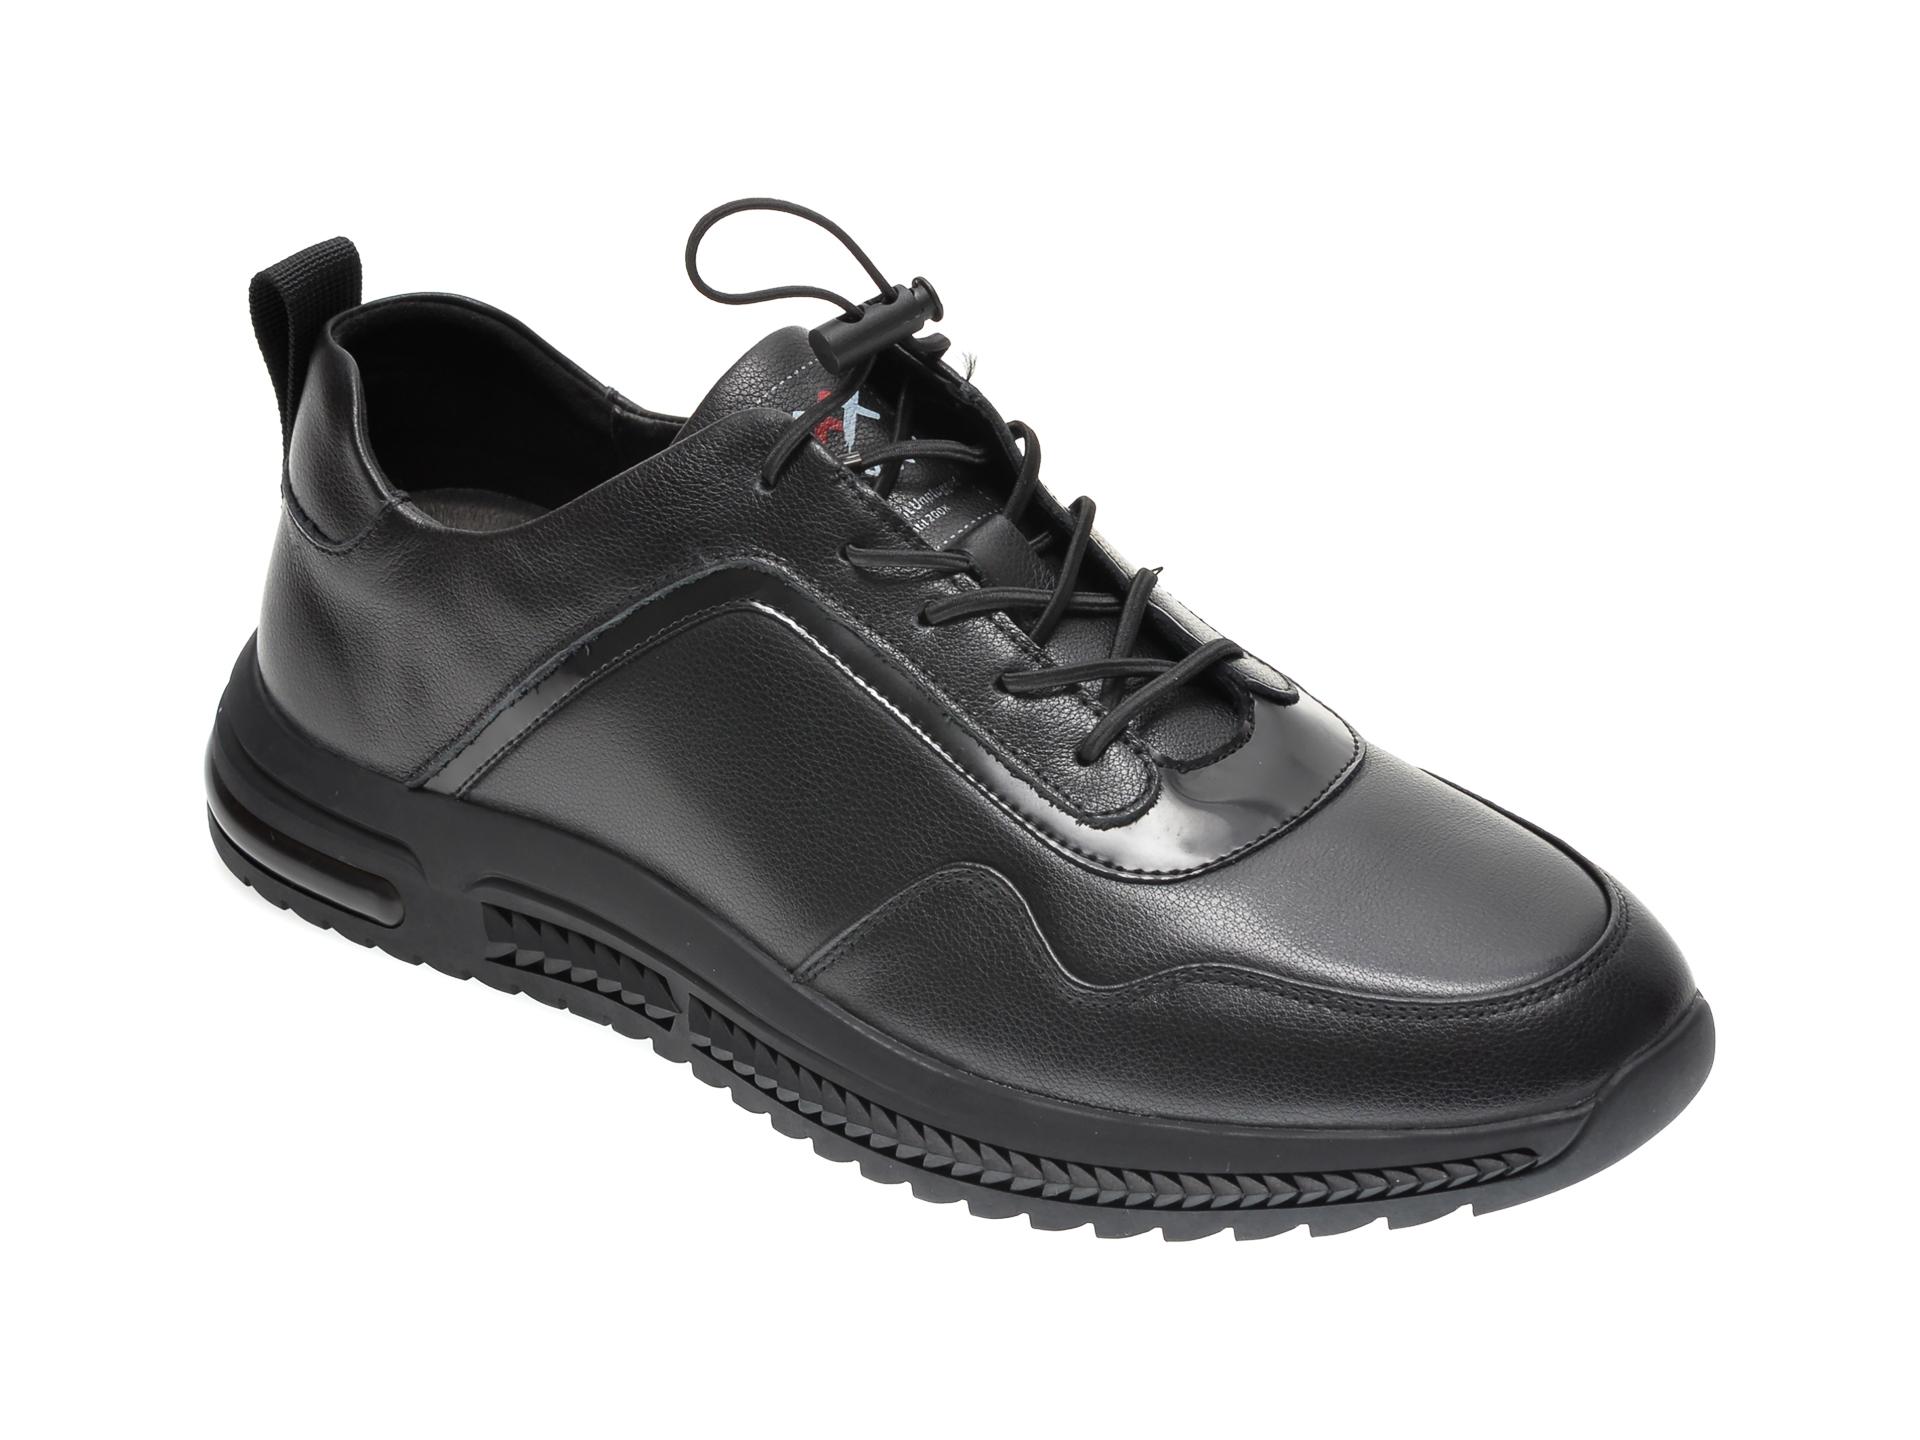 Pantofi GRYXX negri, 18336, din piele naturala